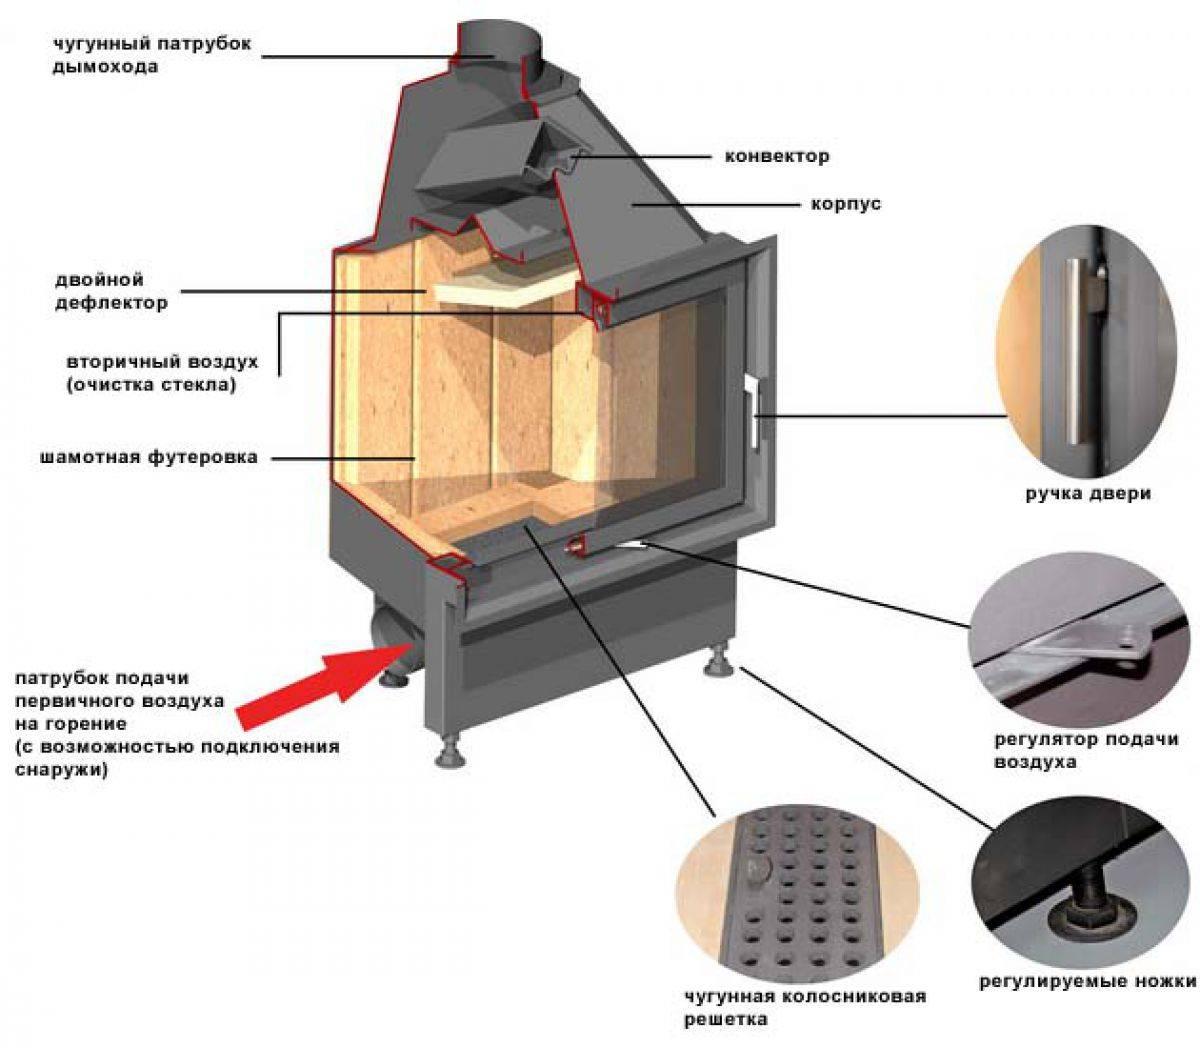 Футеровка печи своими руками: выбор материалов и способы монтажа